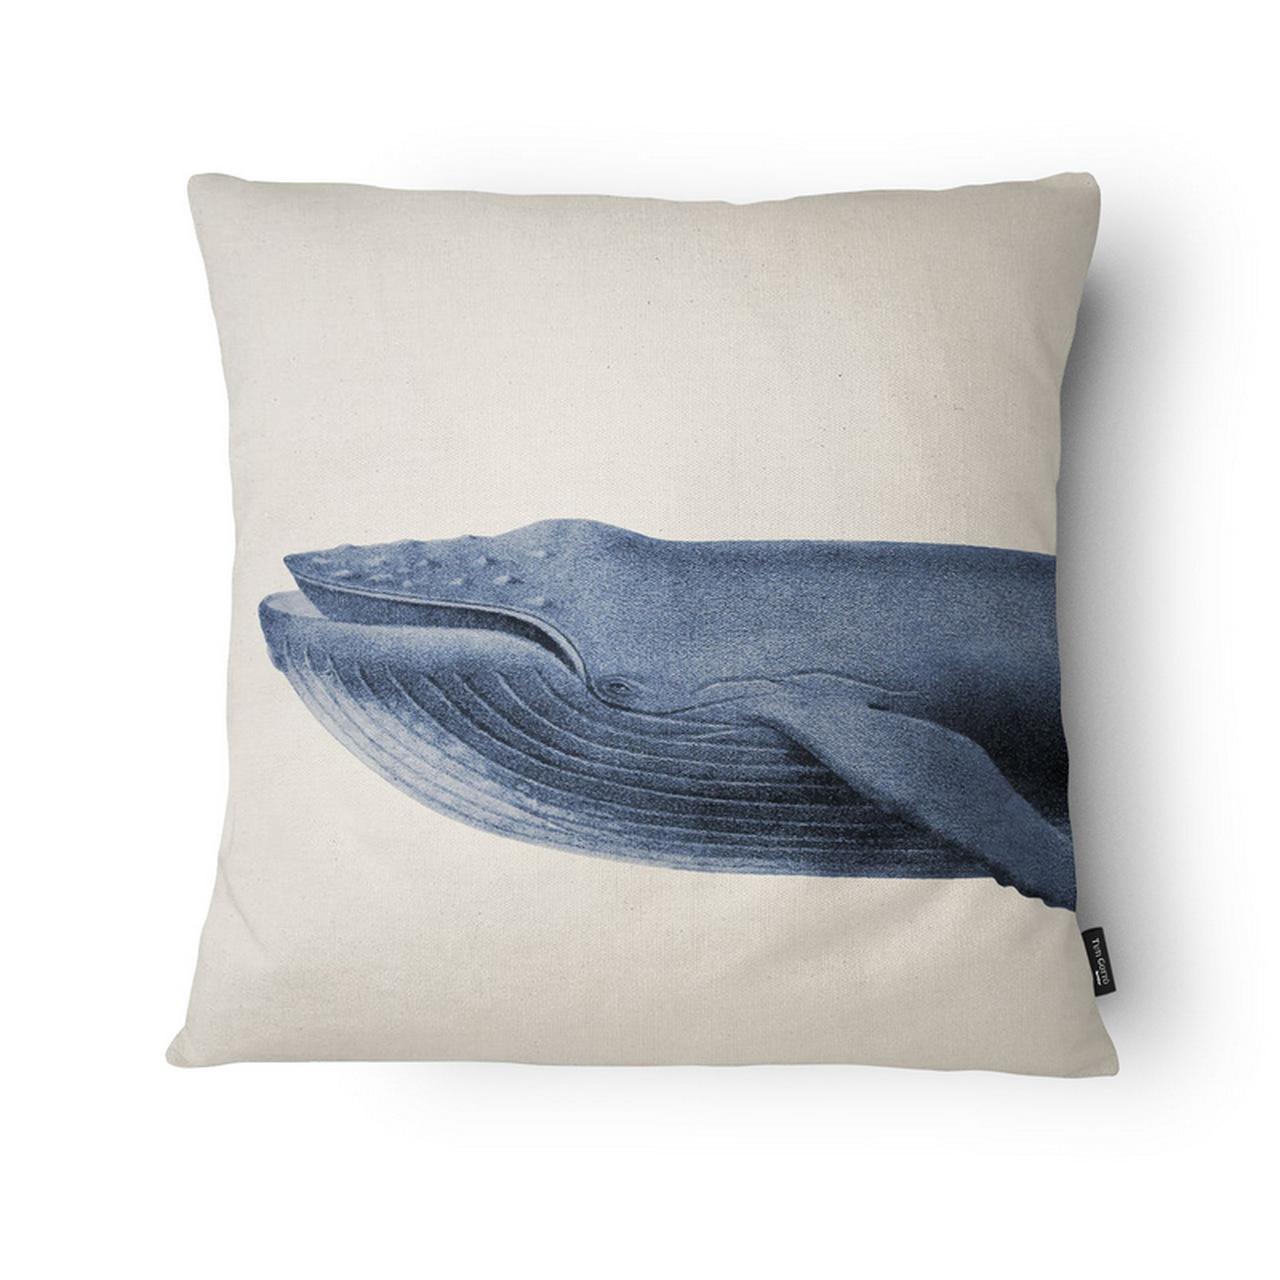 Capa Almofada Whale  - CASACOBRE